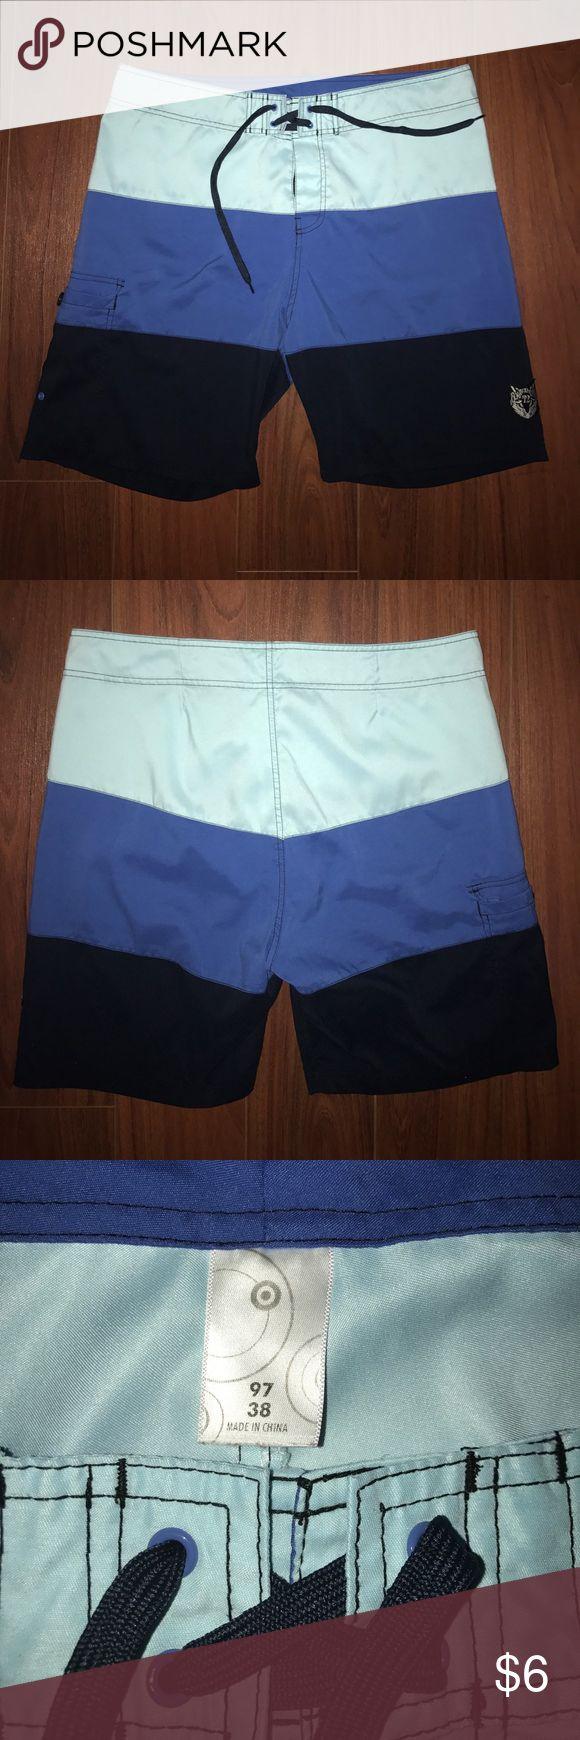 Men's Swim Trunks Size 38 Excellent condition men's swim trunks size 38 from Target Swim Swim Trunks